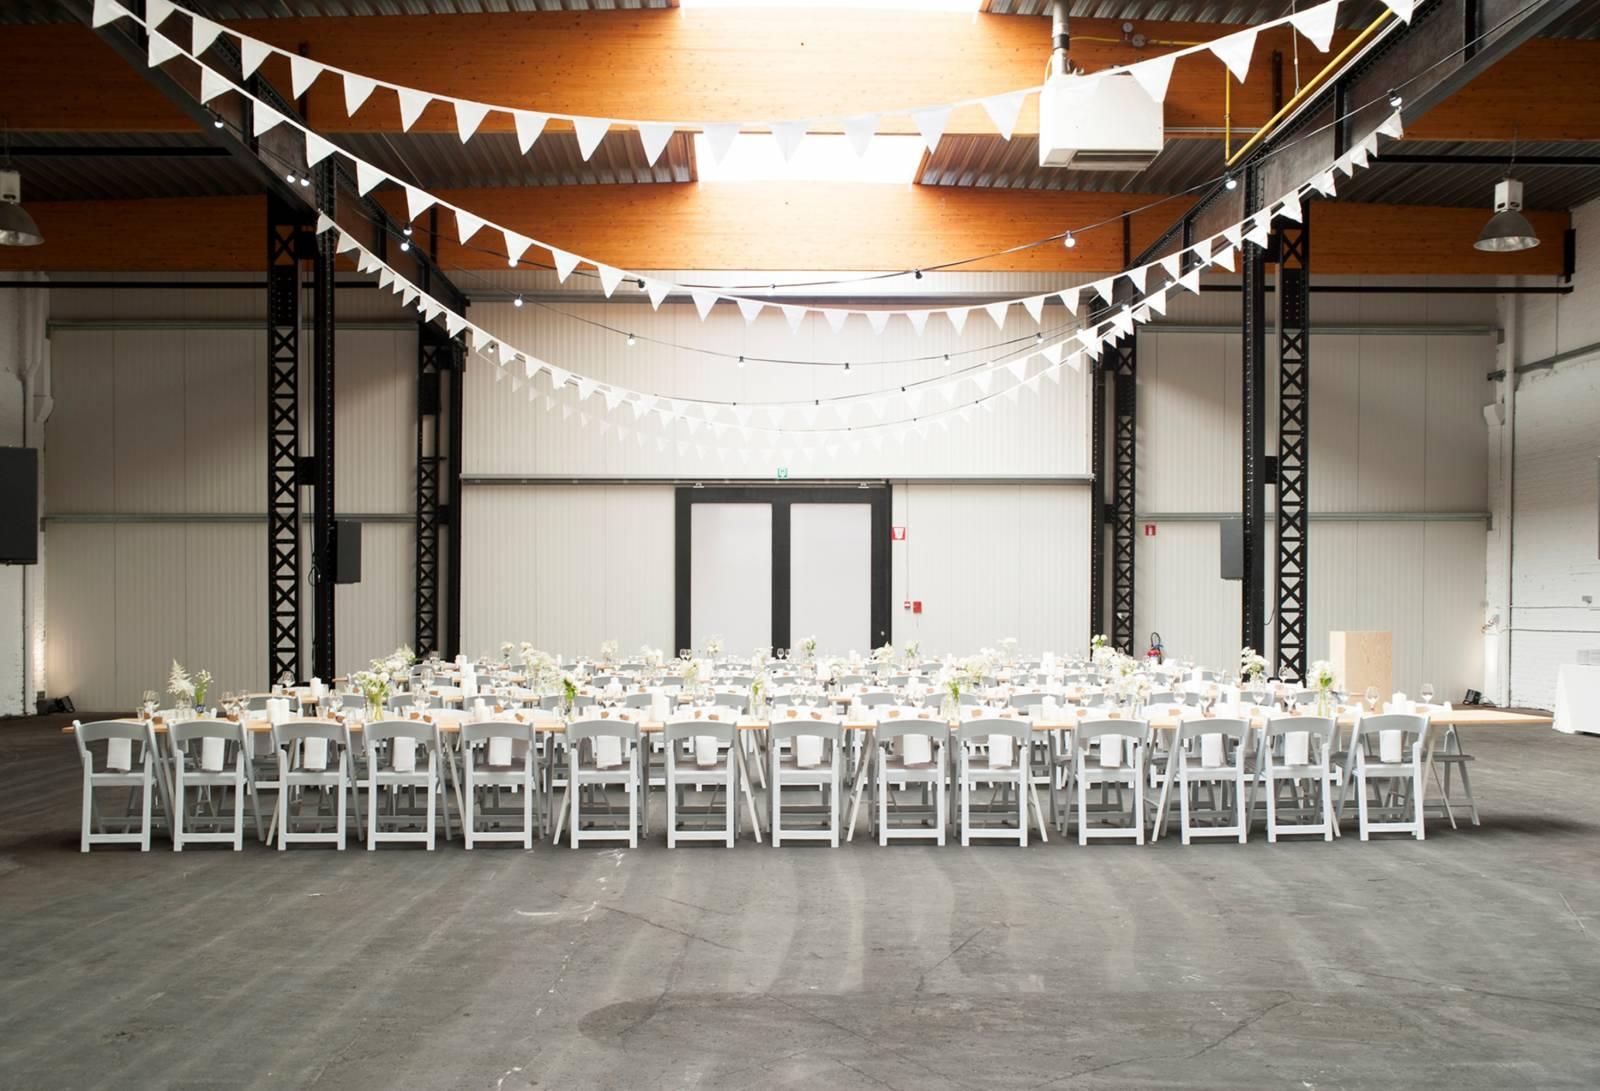 House of Weddings Firma Cantina Feestzaal Wedding Venue Huwelijk Brussel industrieel fabriek ceremonie receptie walking dinner (16)